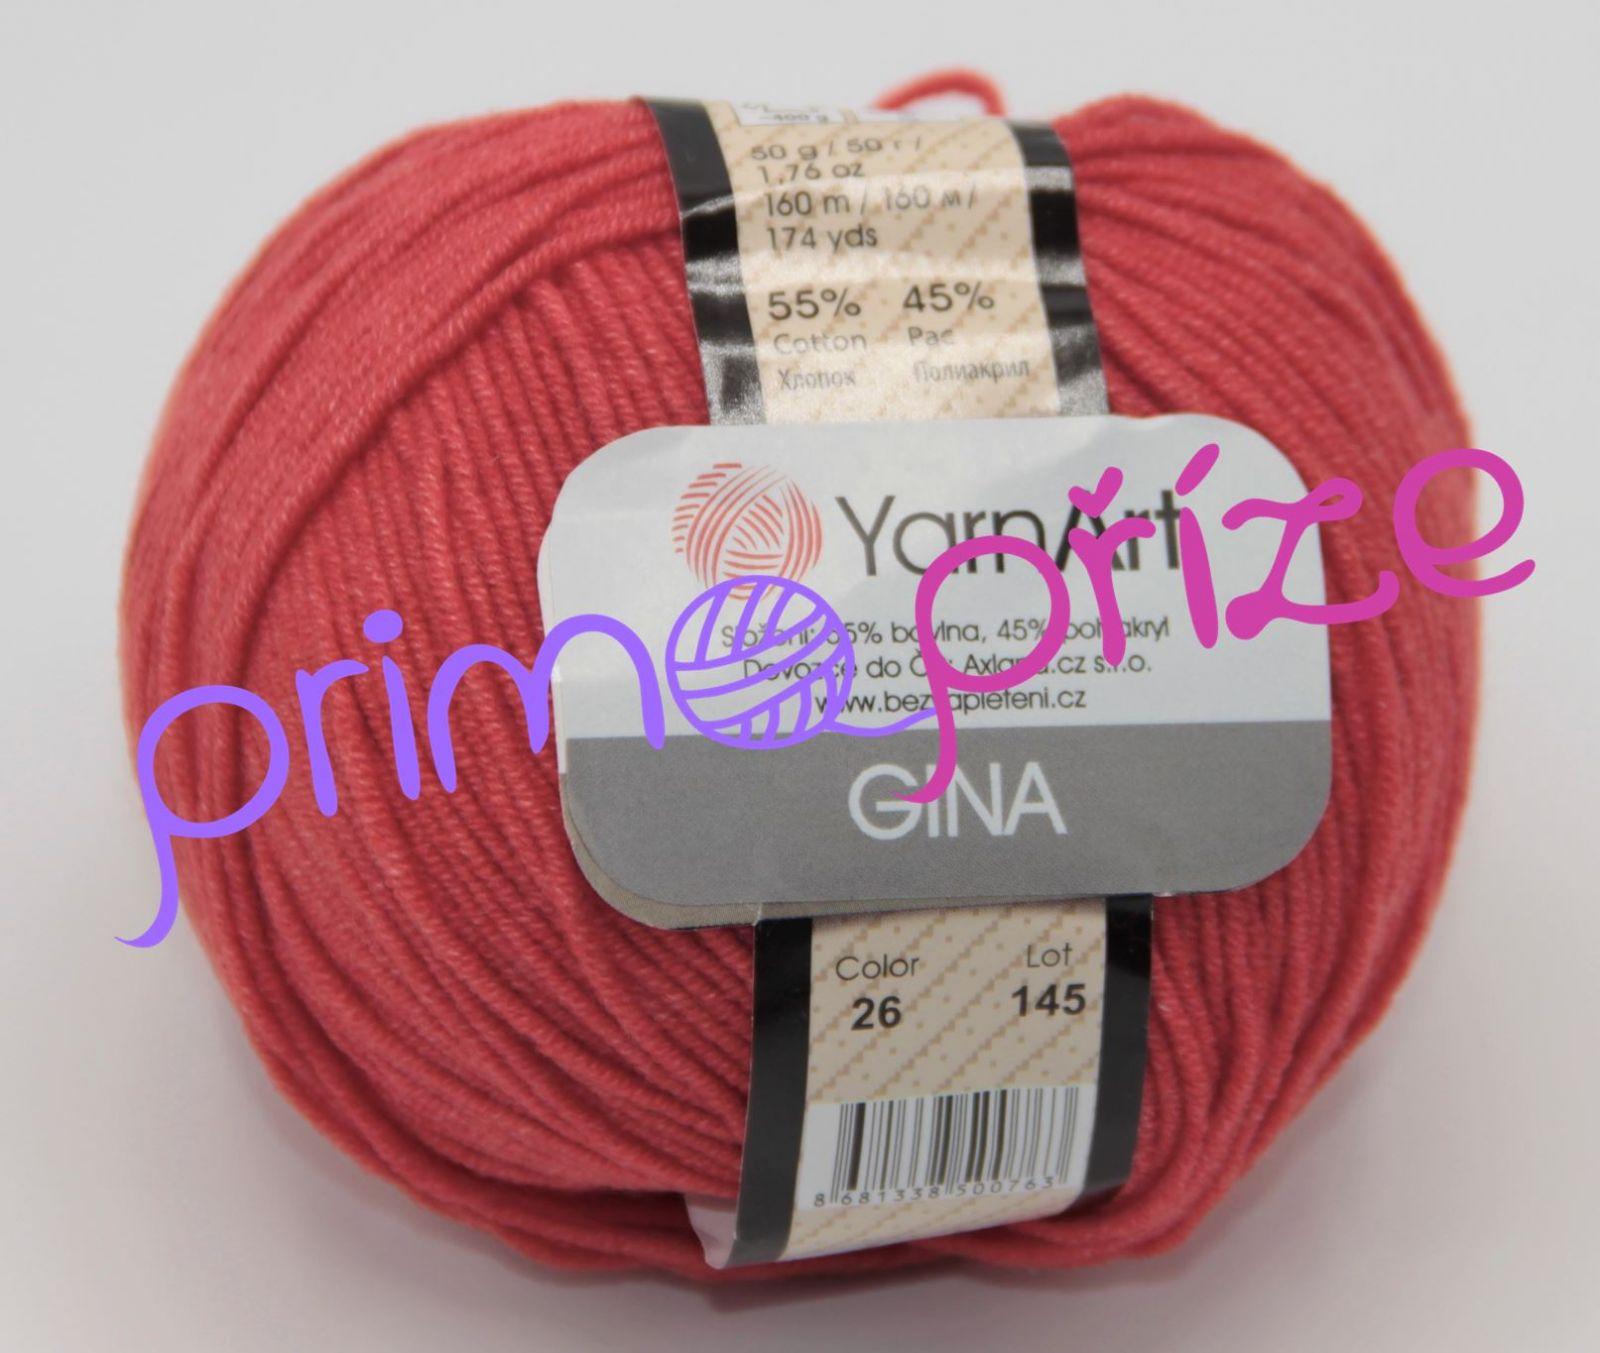 YarnArt Jeans/Gina 26 světle červená